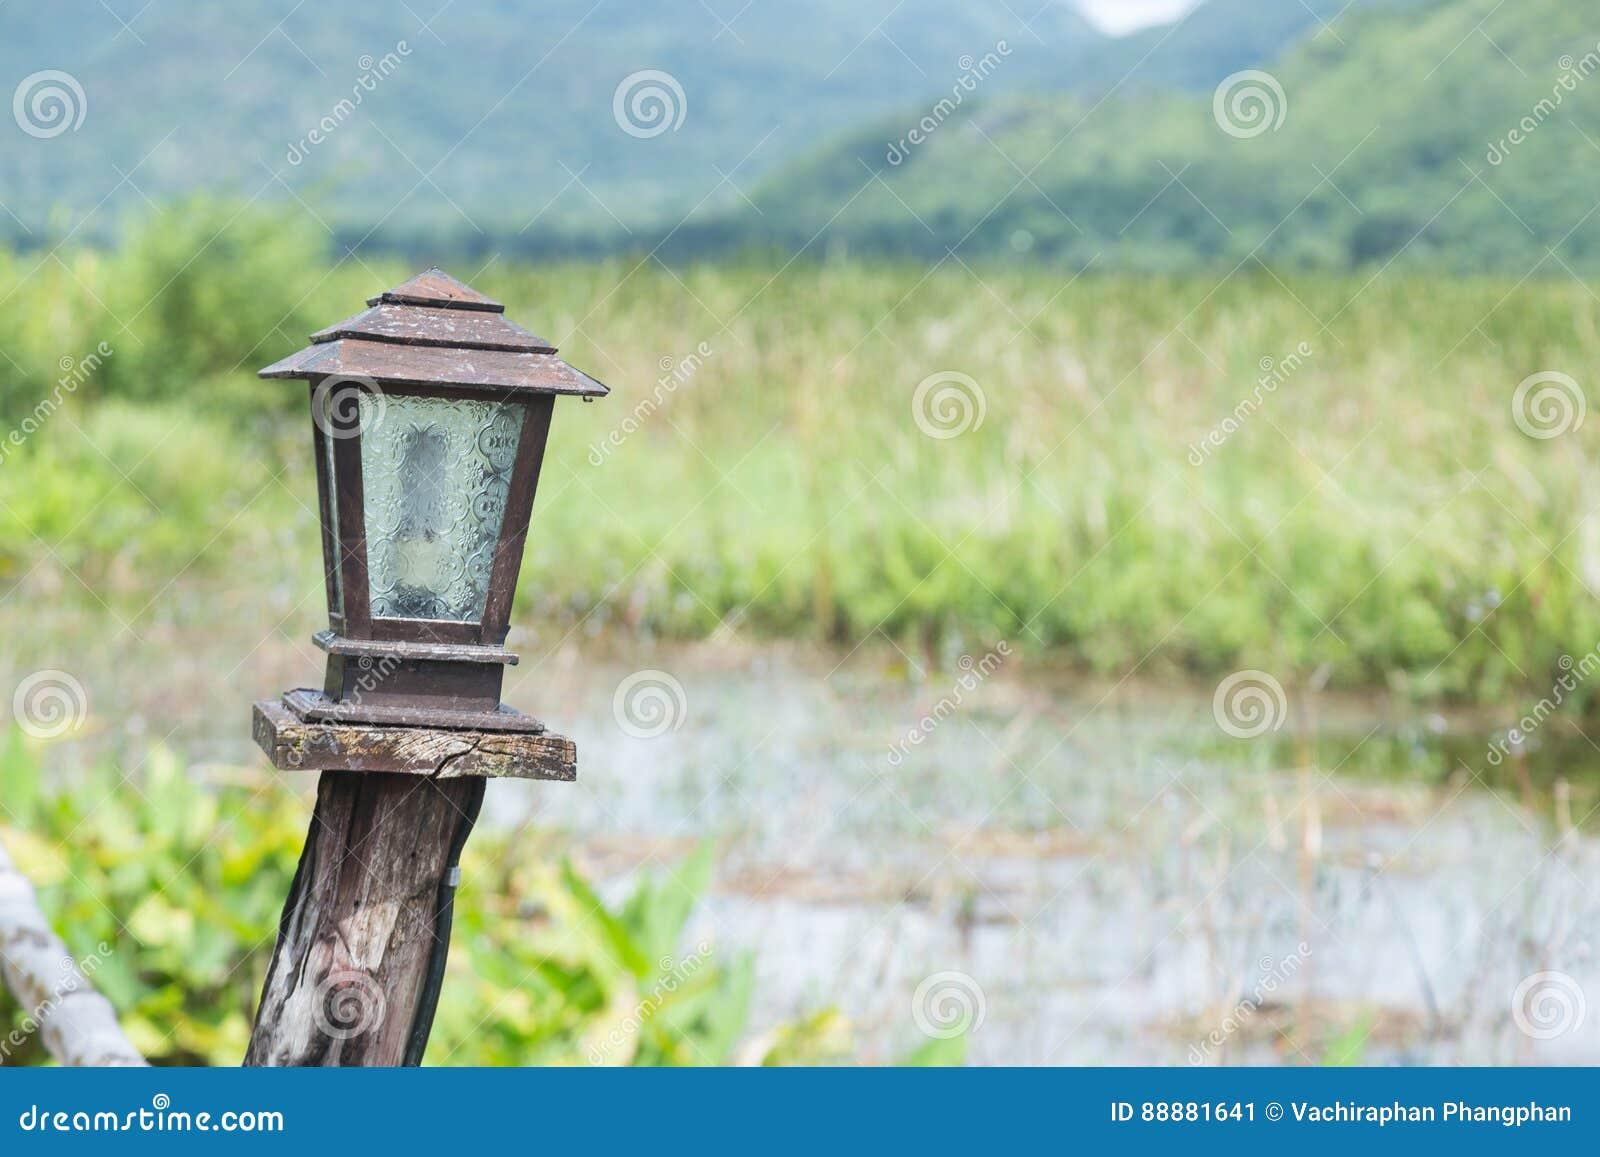 灯由木头制成